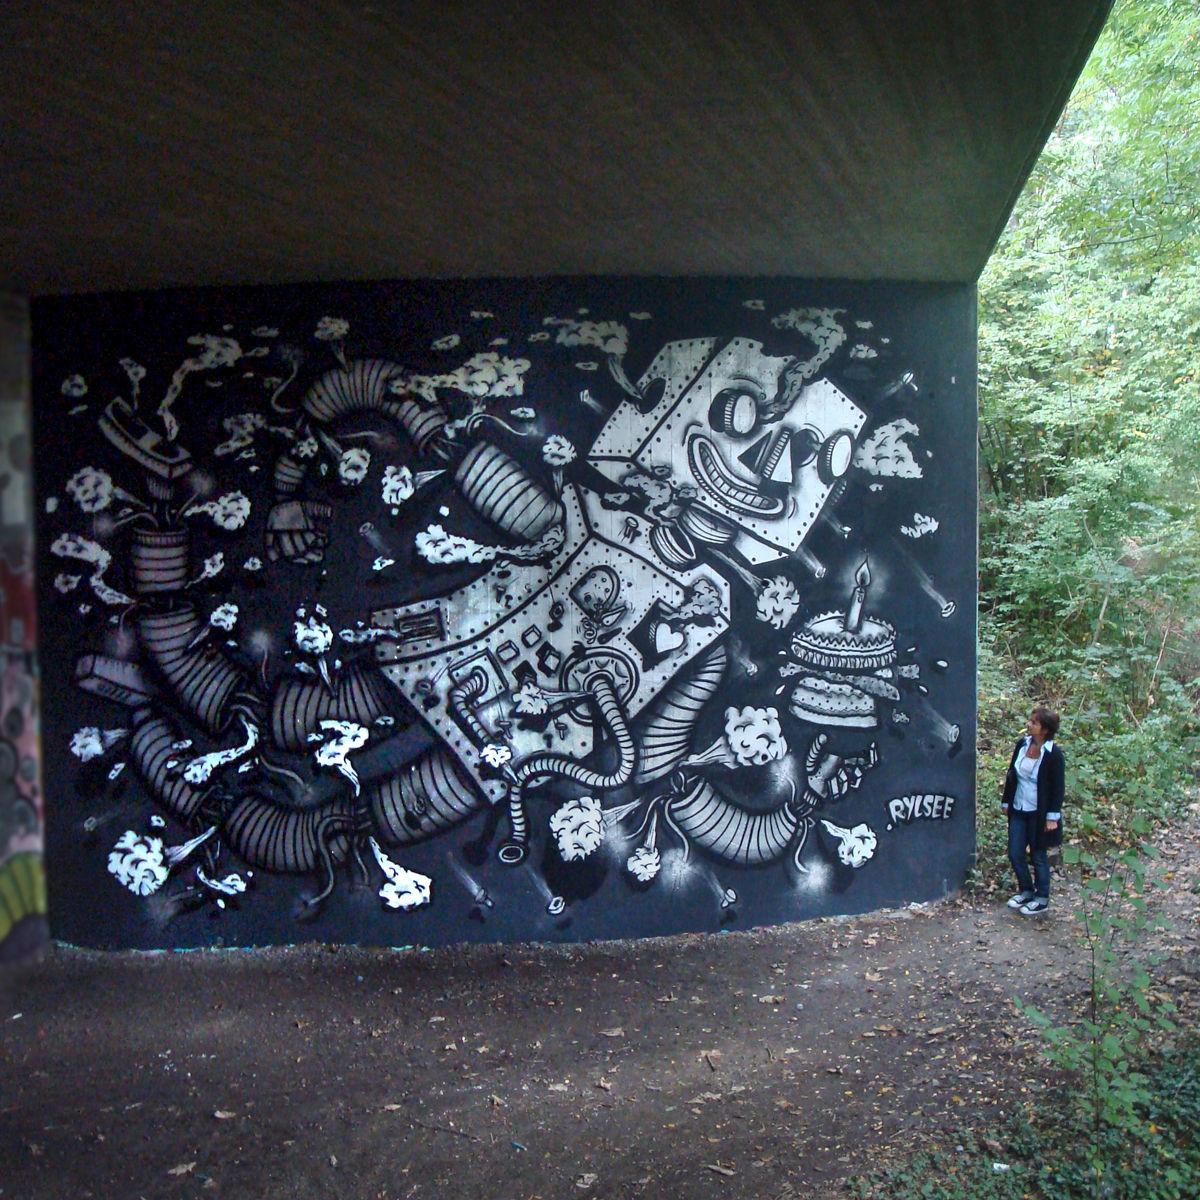 Œuvre Par RYLSEE à Genève, canton de Genève